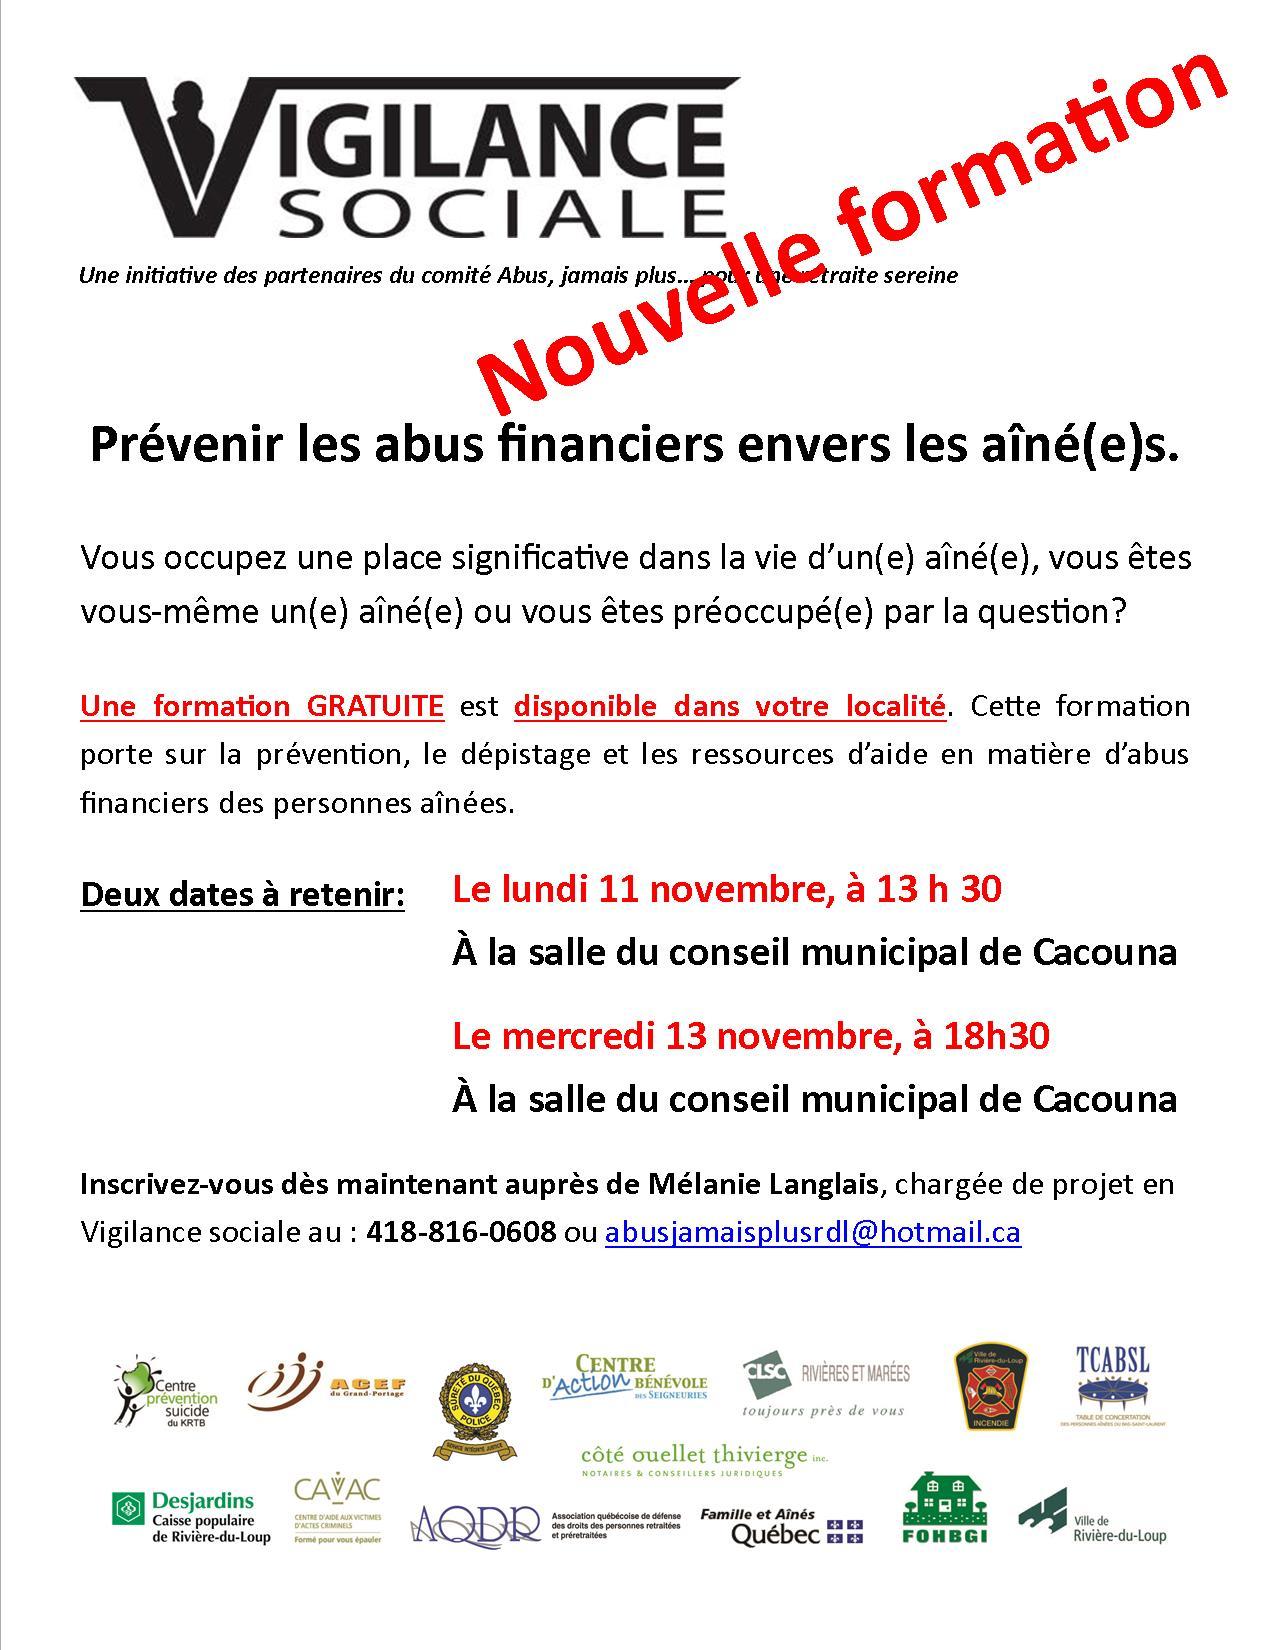 Abus financiers Vigilance Sociale